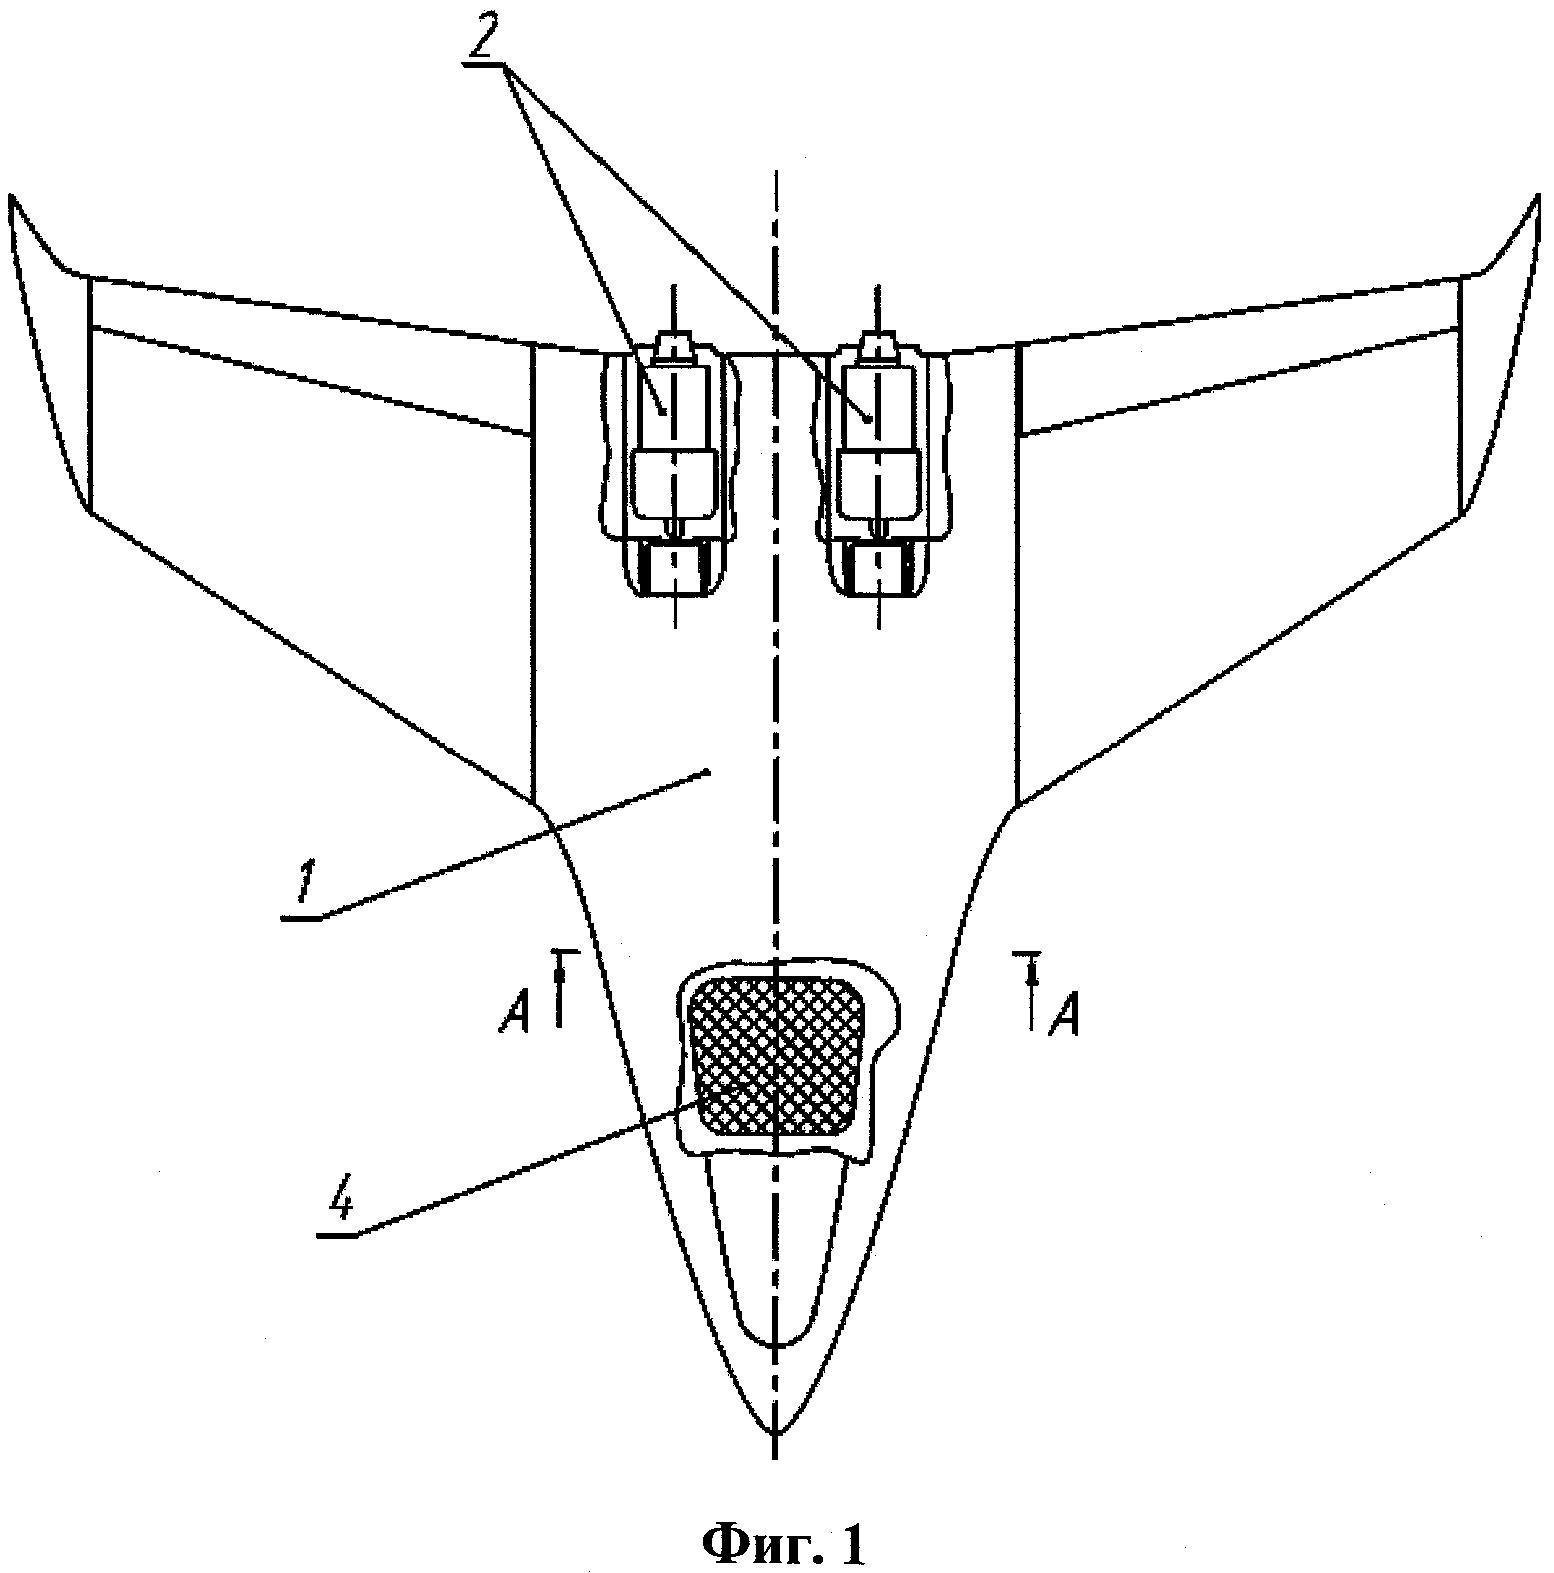 Мишенный комплекс с малоразмерными радиоуправляемыми мишенями